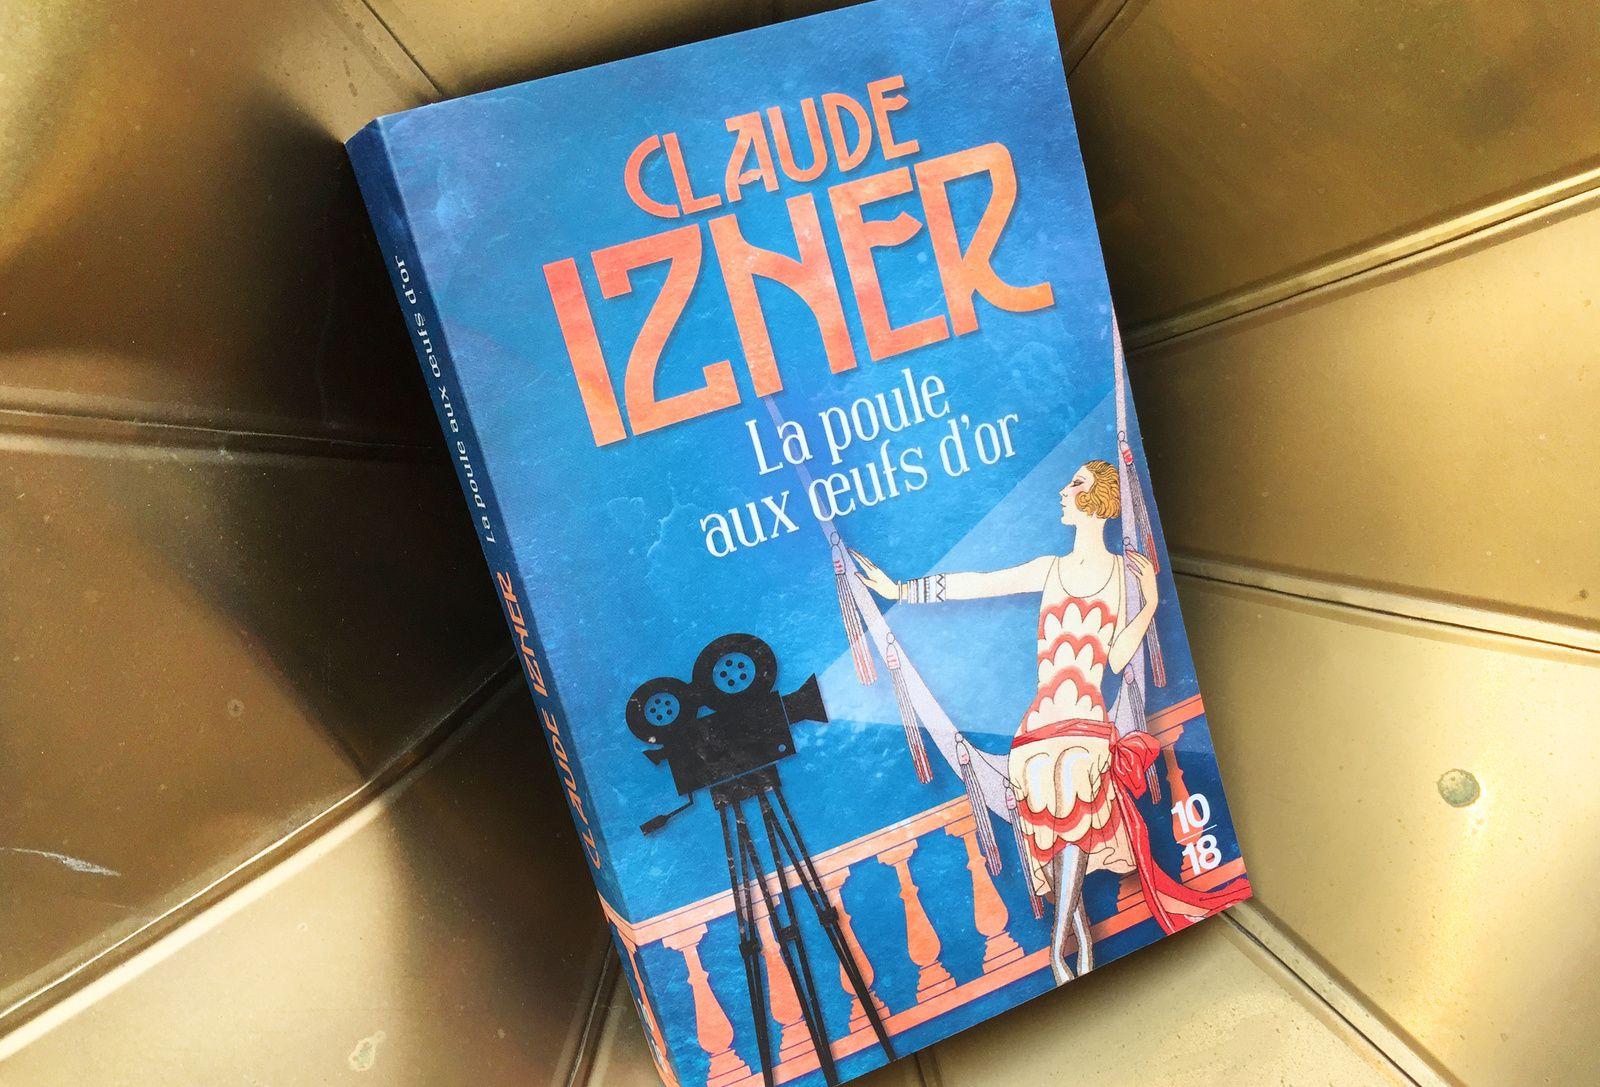 Claude Izner